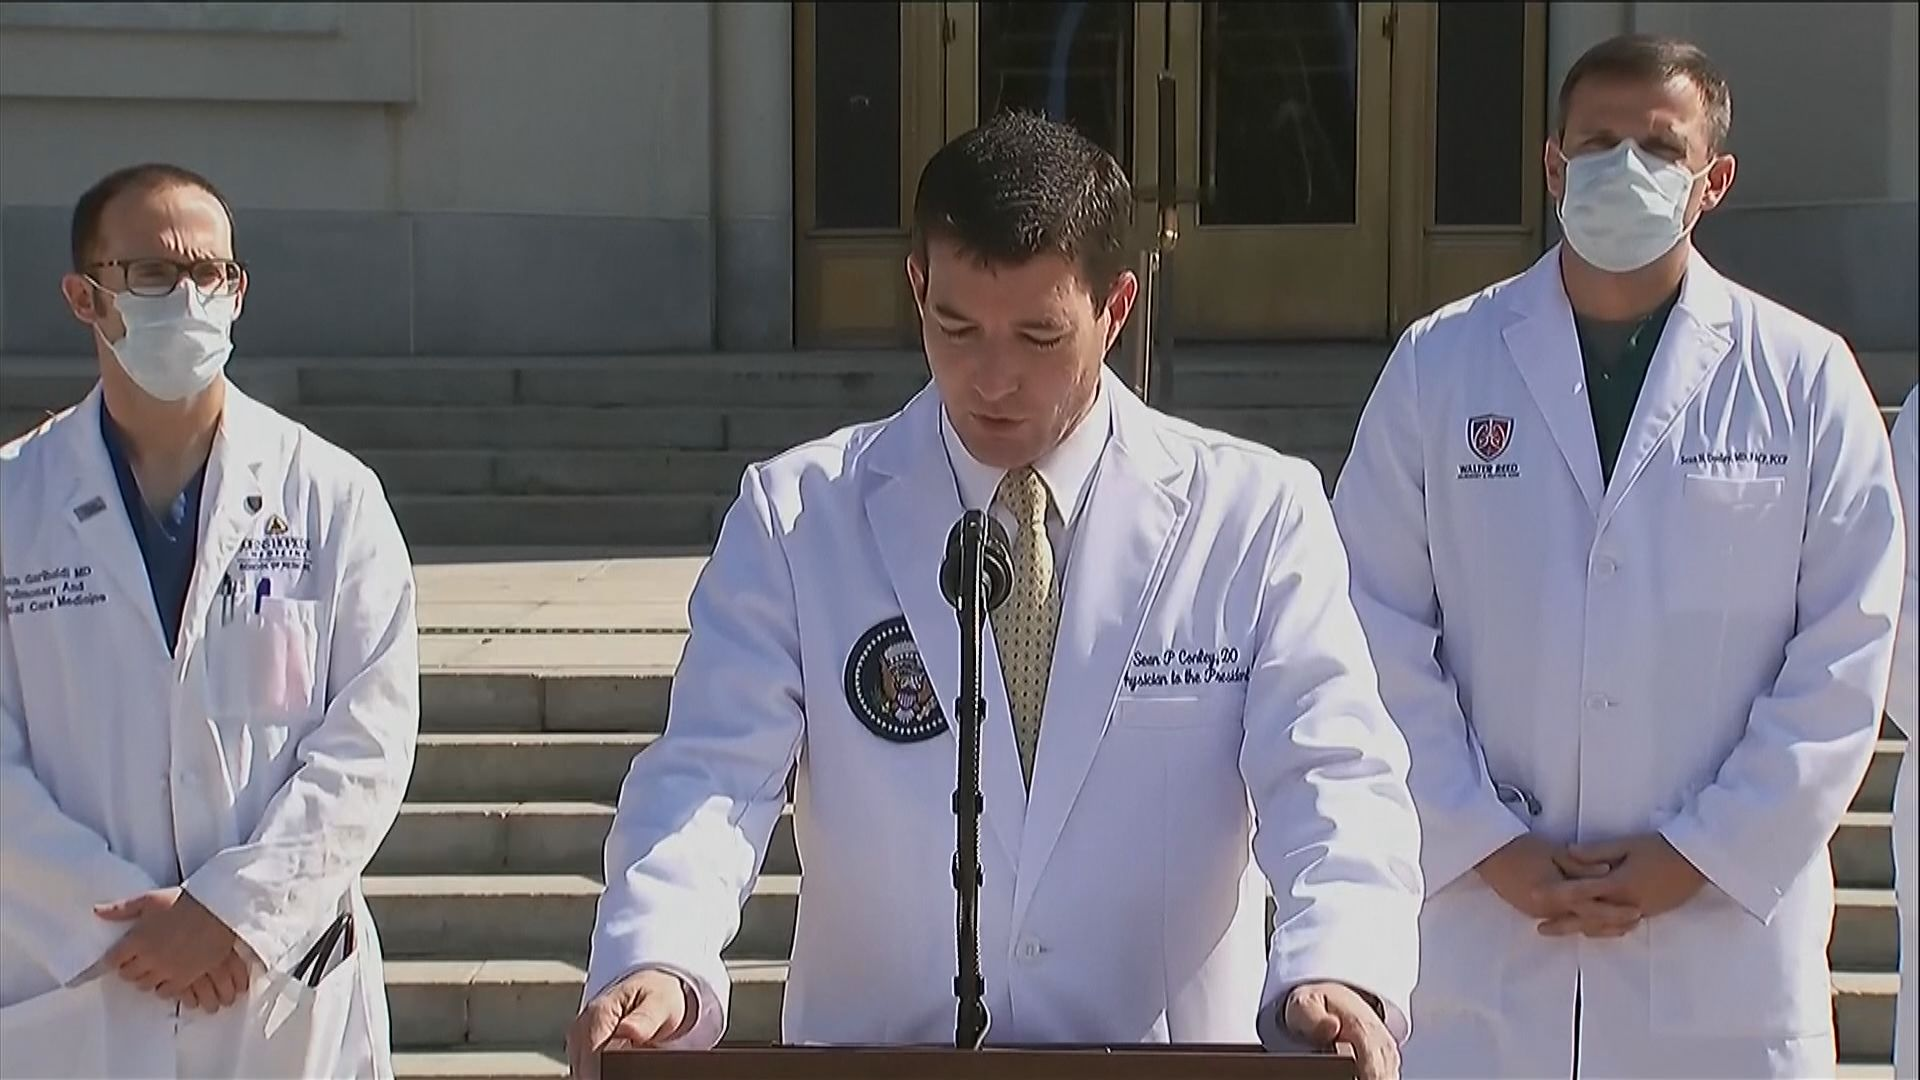 醫生團隊:特朗普病情持續改善 料最快當地時間周一出院